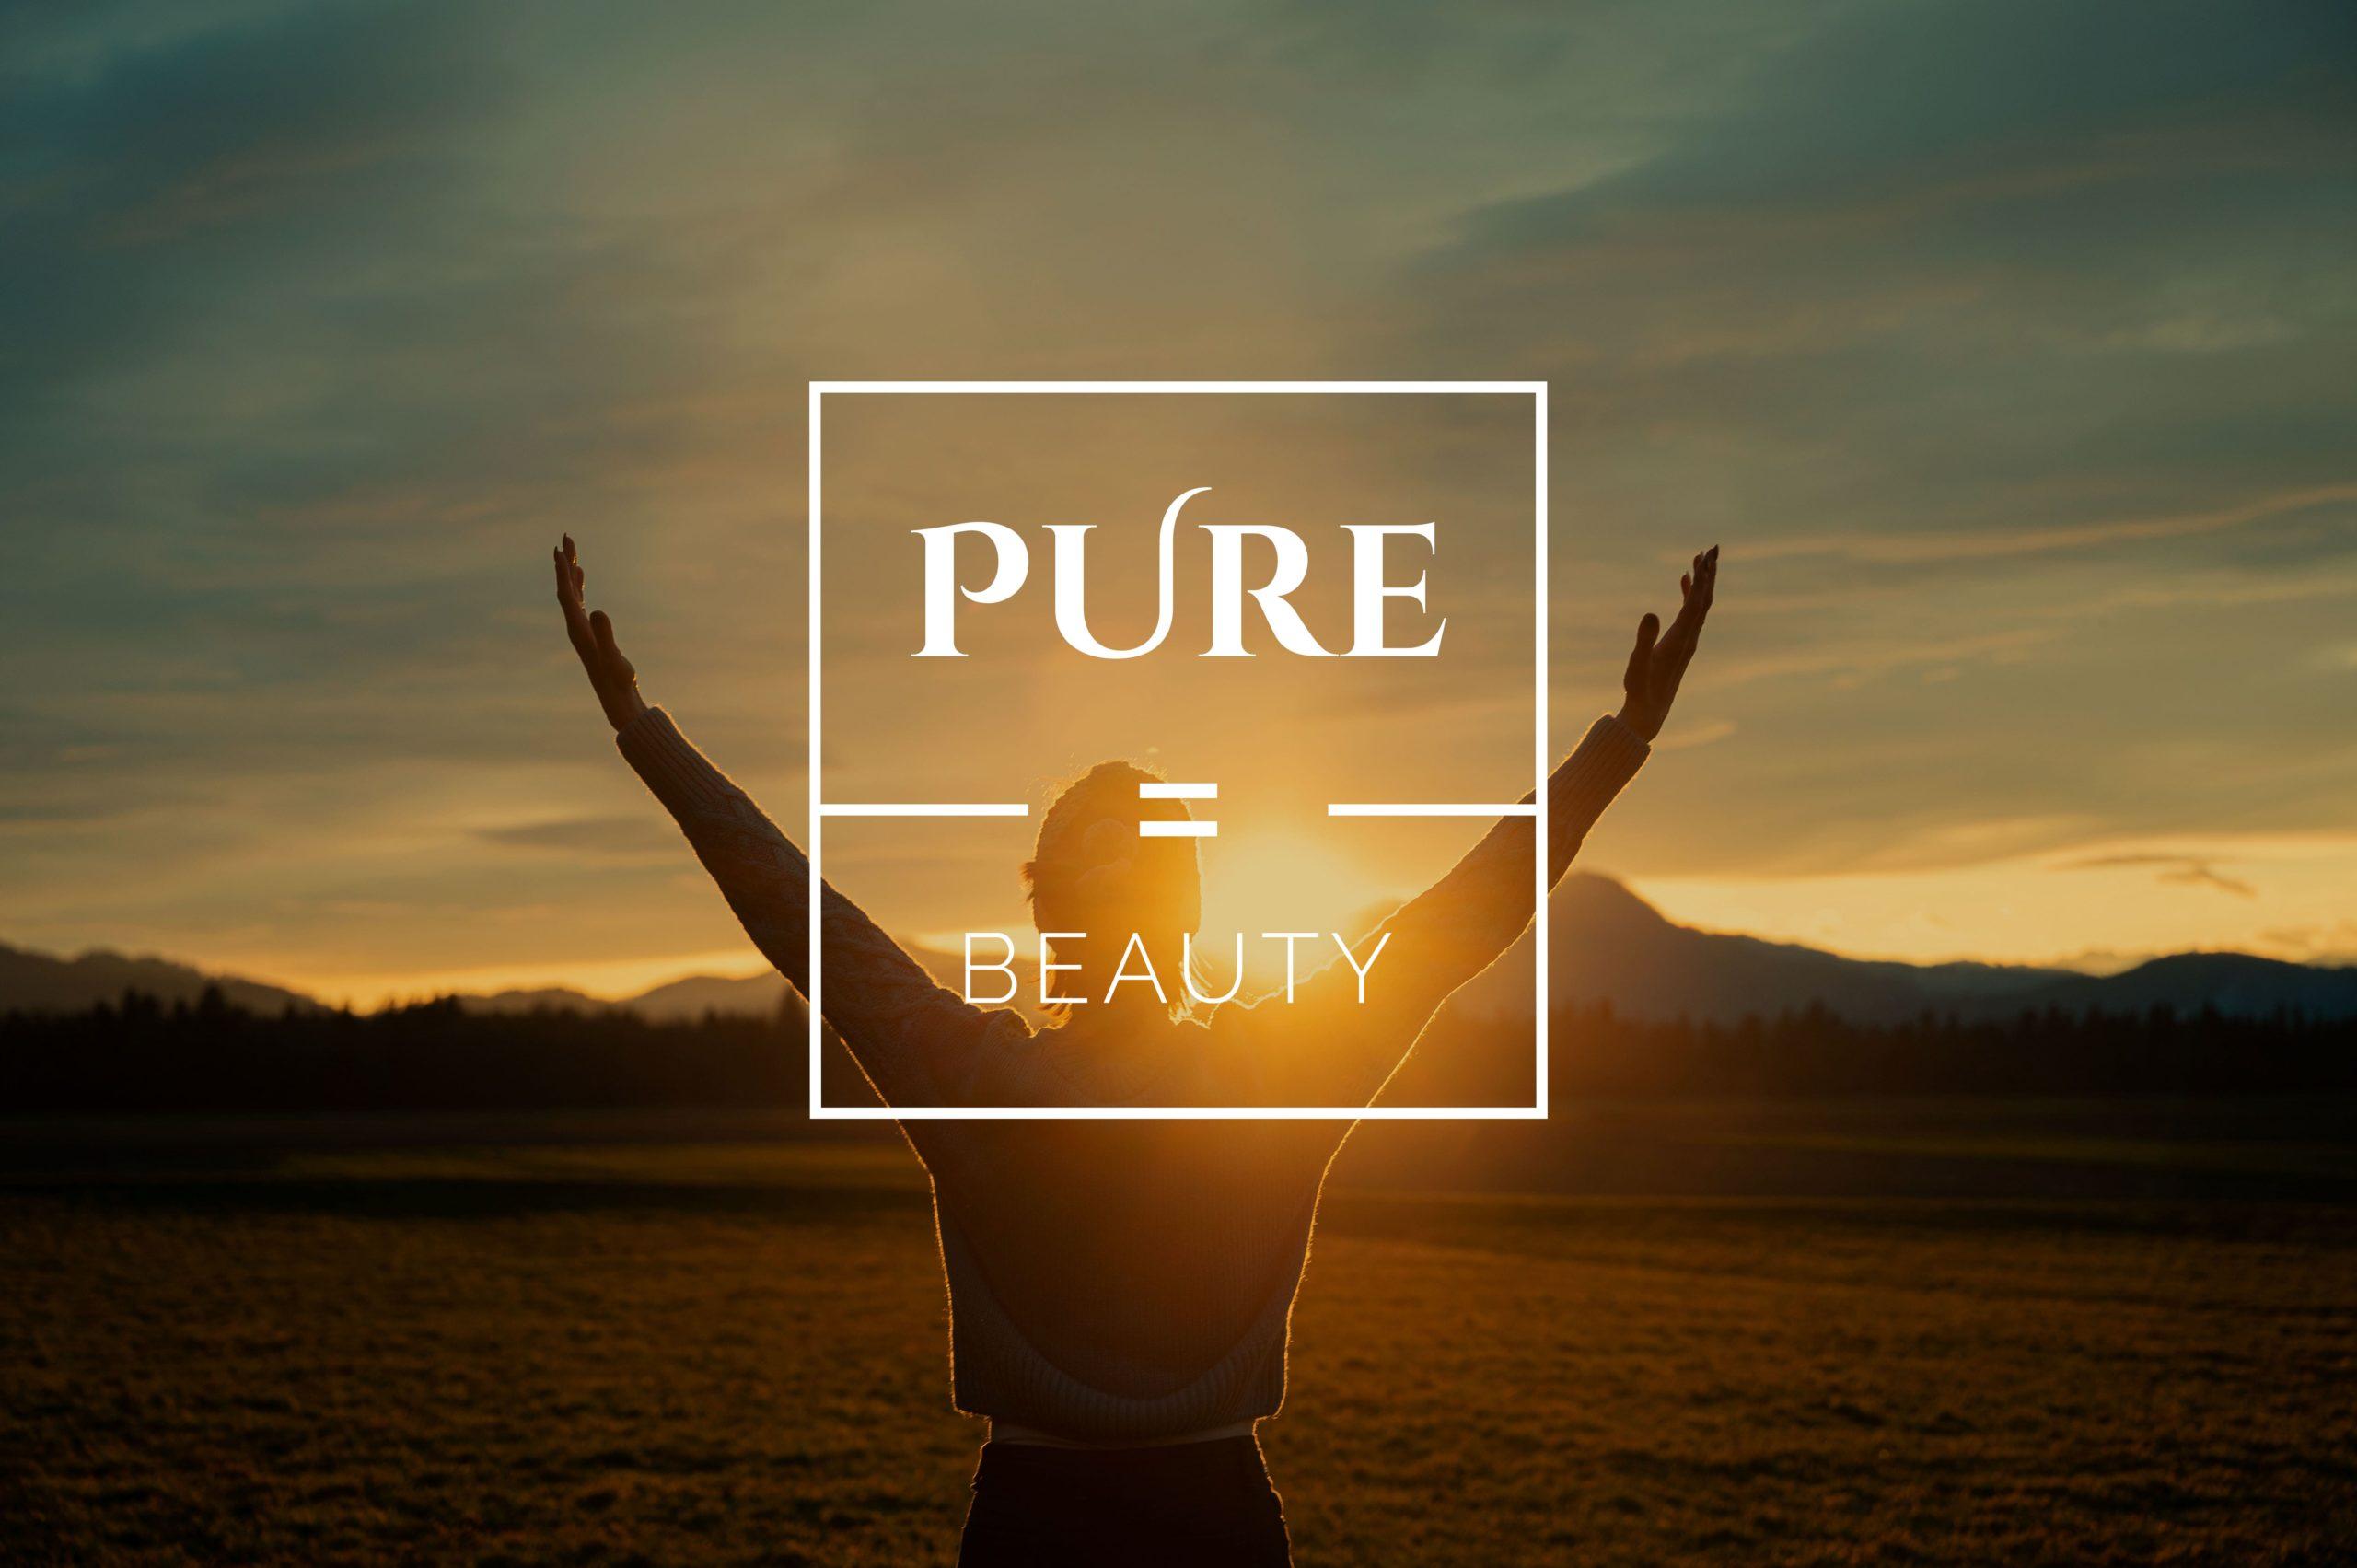 pure-beauty-cosmetic-packaging-design-identity-logo-identyfikacja-projekt-opakowania-lodz-etykiety-studio graficzne-pictoo-warszawa